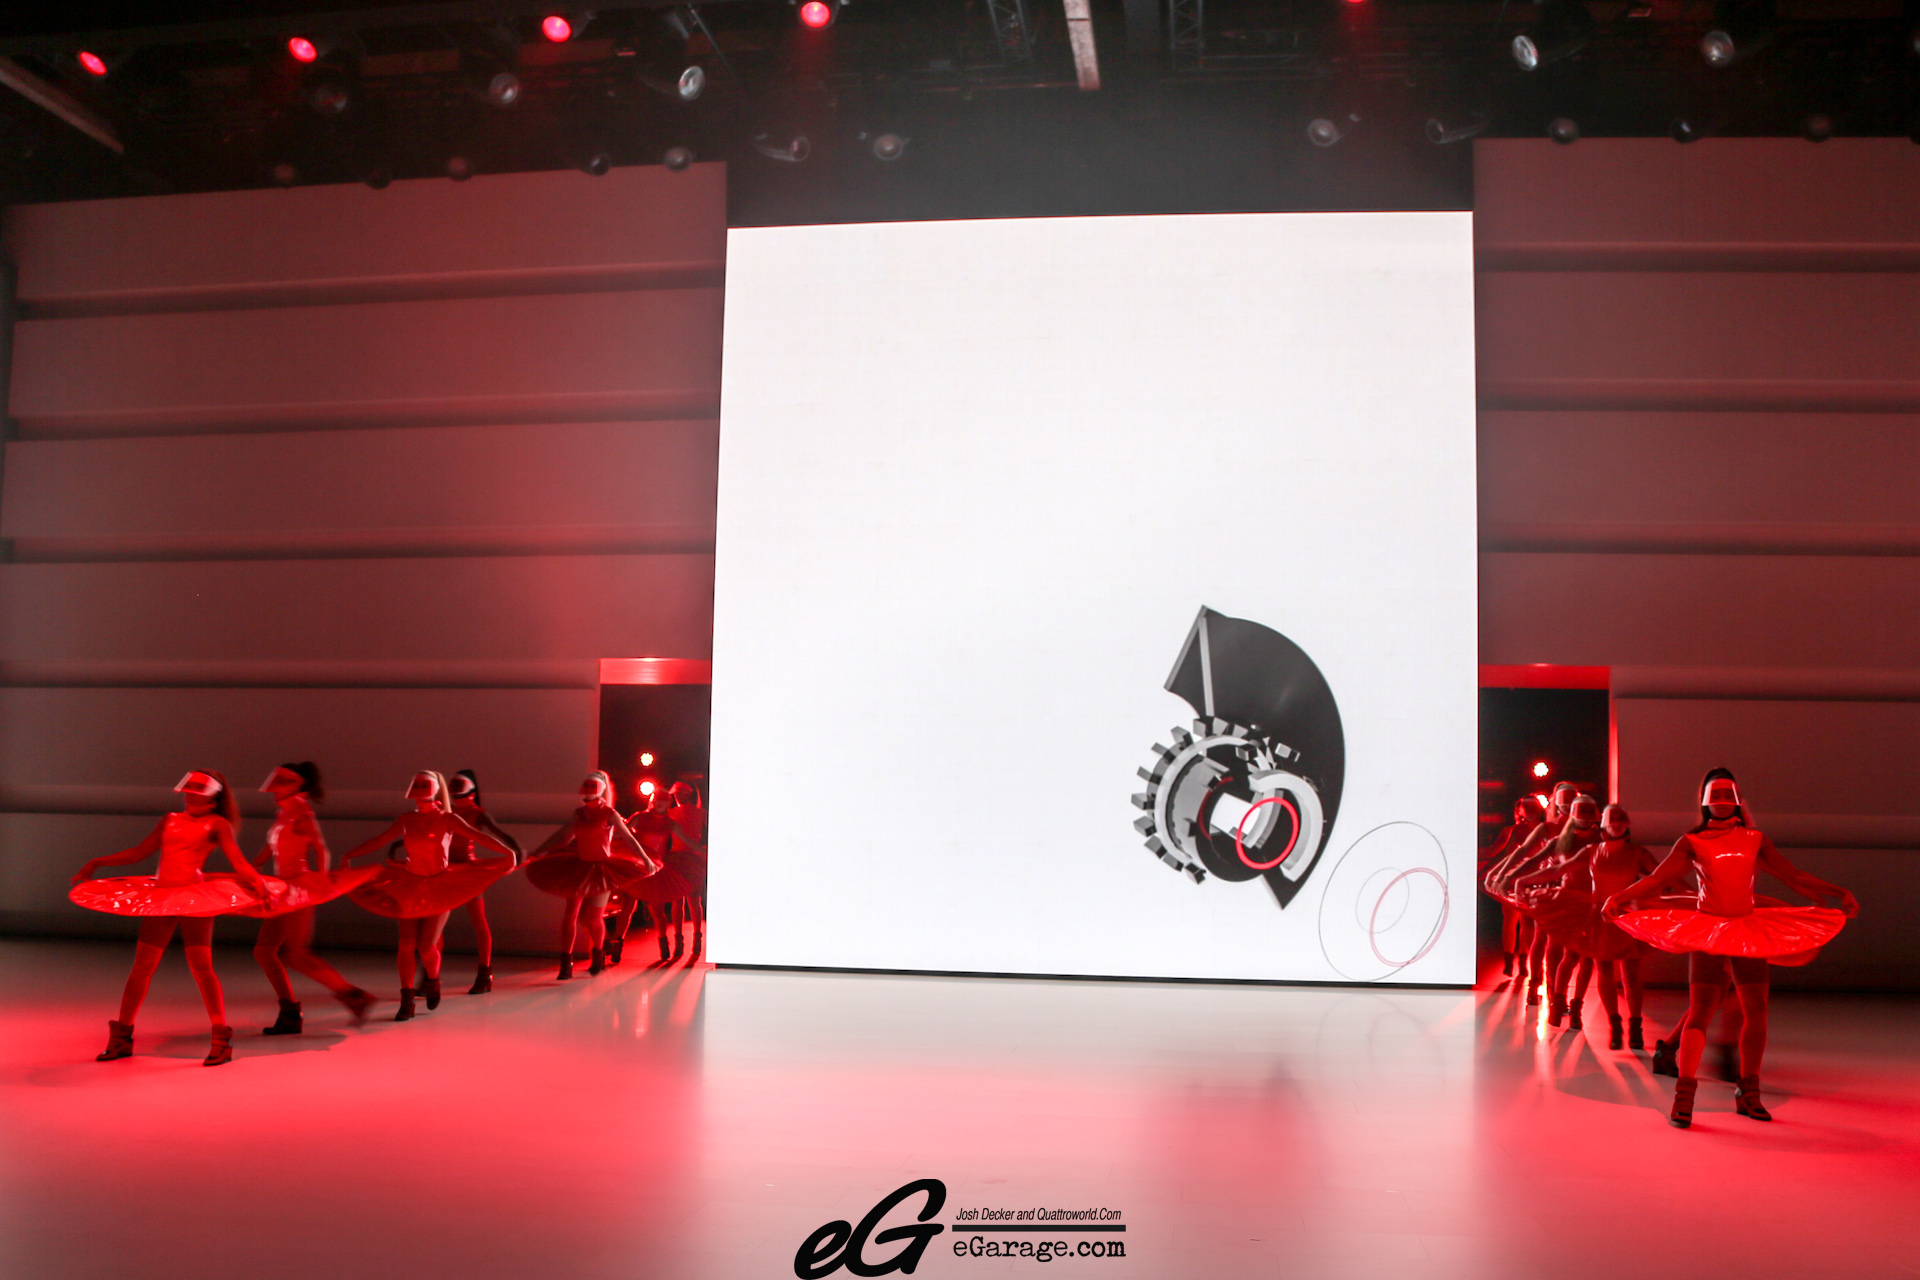 8030388520 5c4c466a9e o 2012 Paris Motor Show